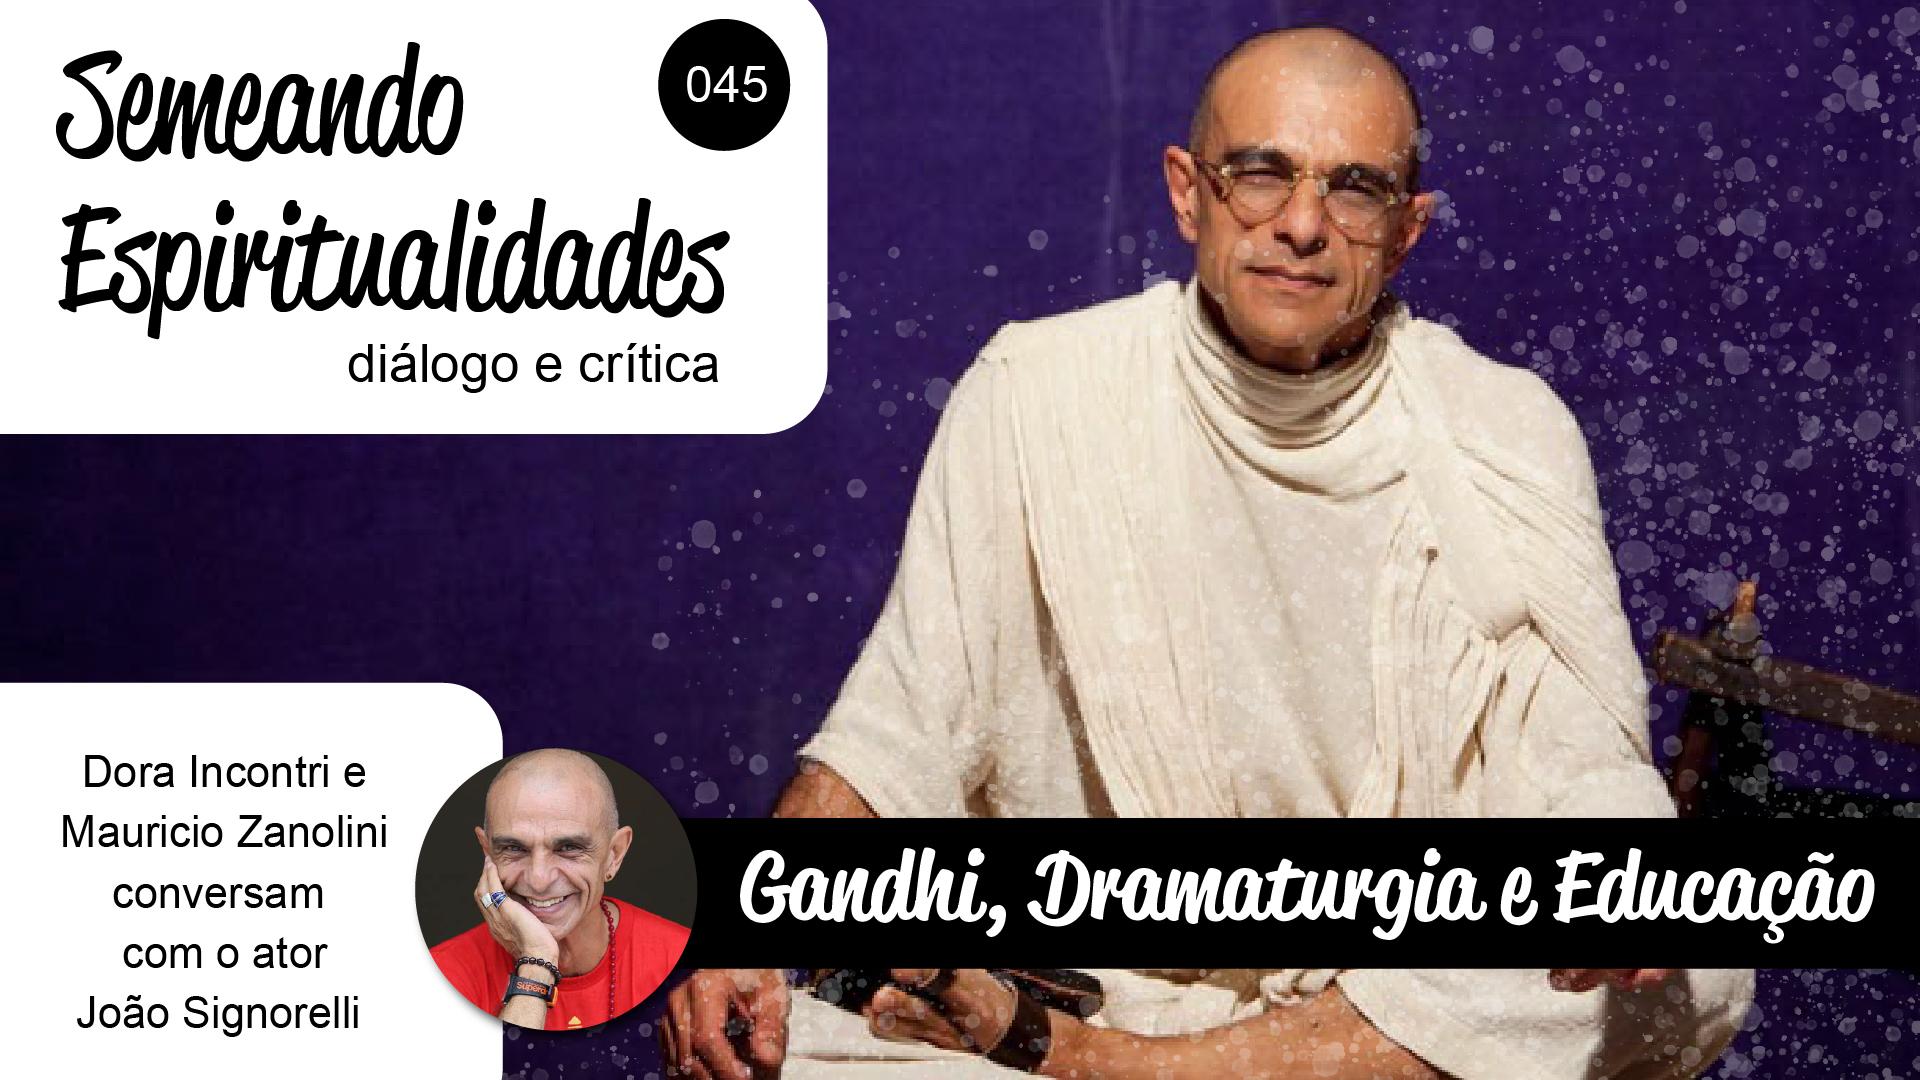 Semeando Espiritualidades 45 – Gandhi, Dramaturgia e Educação